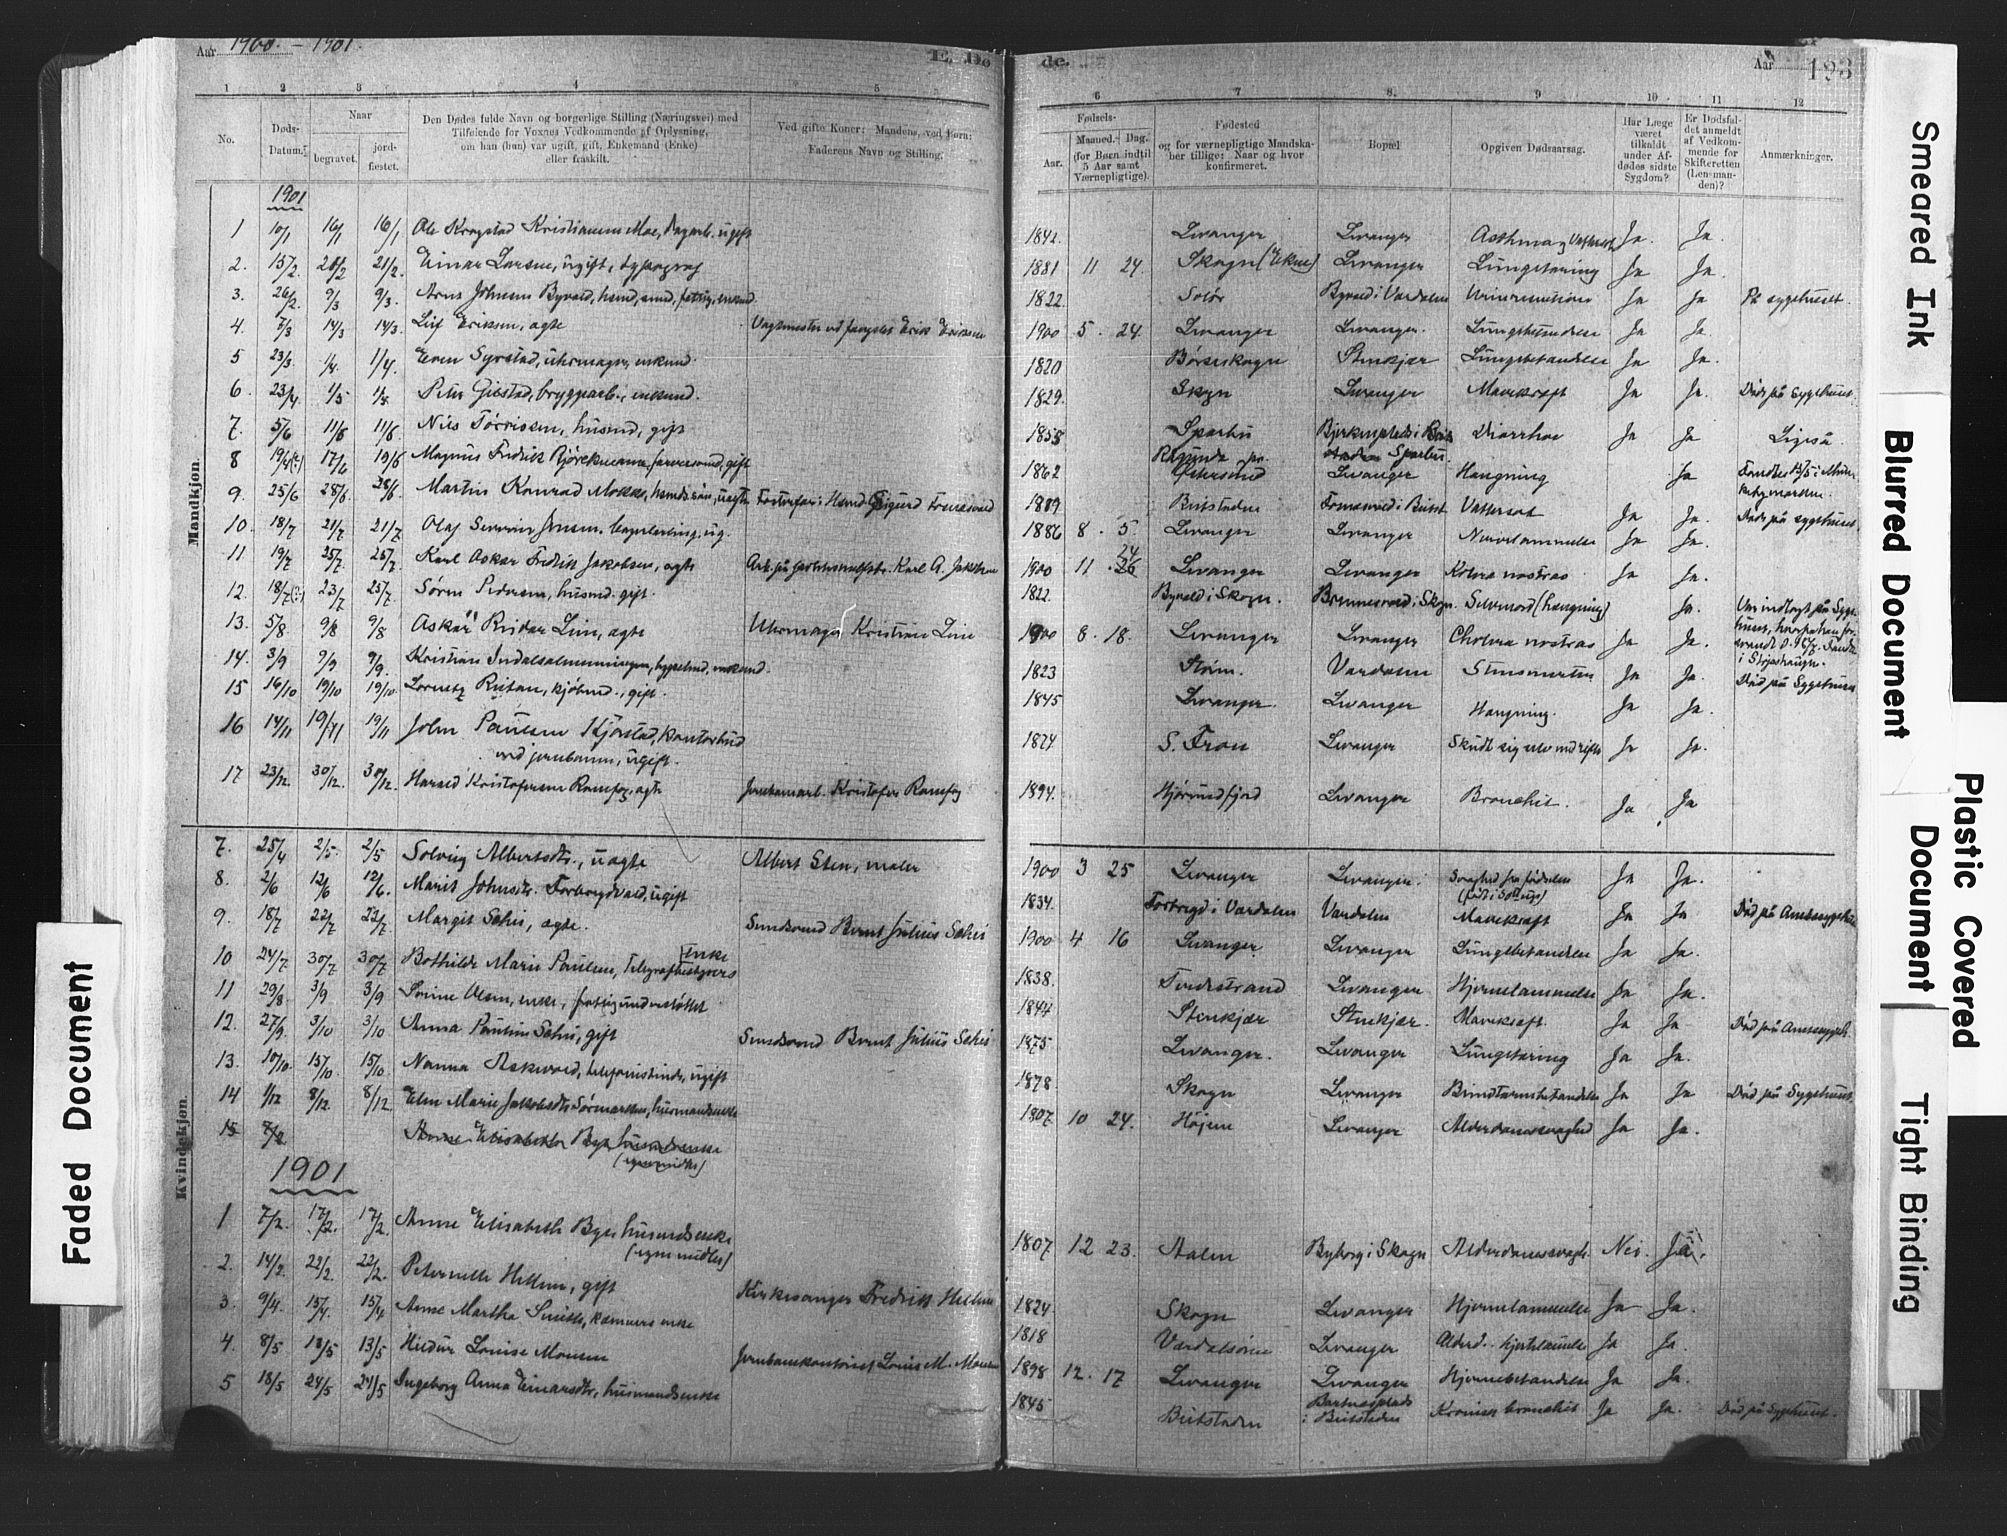 SAT, Ministerialprotokoller, klokkerbøker og fødselsregistre - Nord-Trøndelag, 720/L0189: Ministerialbok nr. 720A05, 1880-1911, s. 123